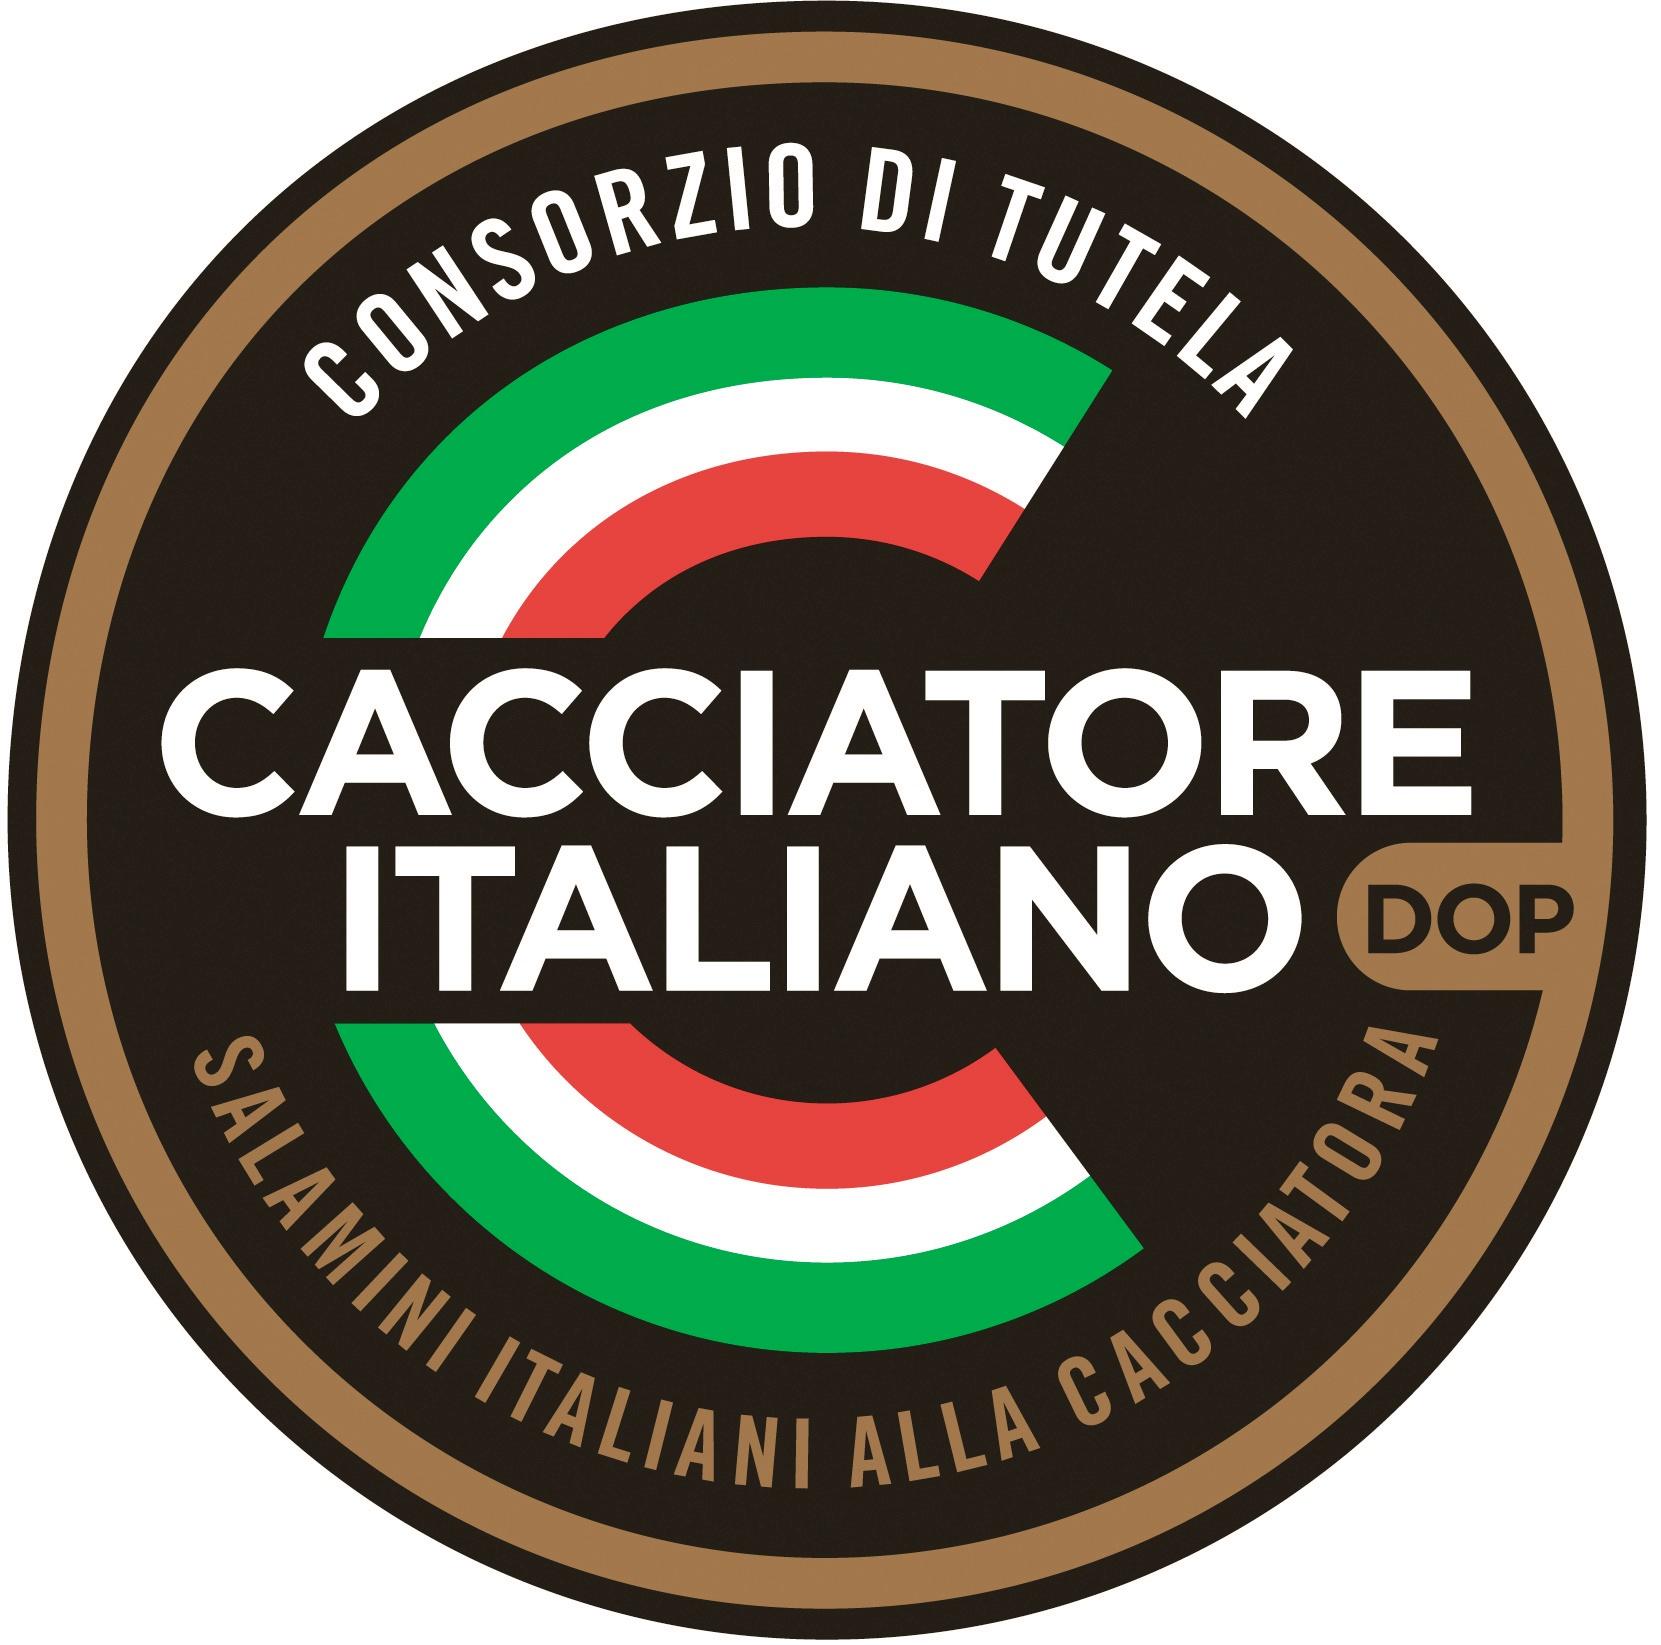 Consorzio Cacciatore Italiano